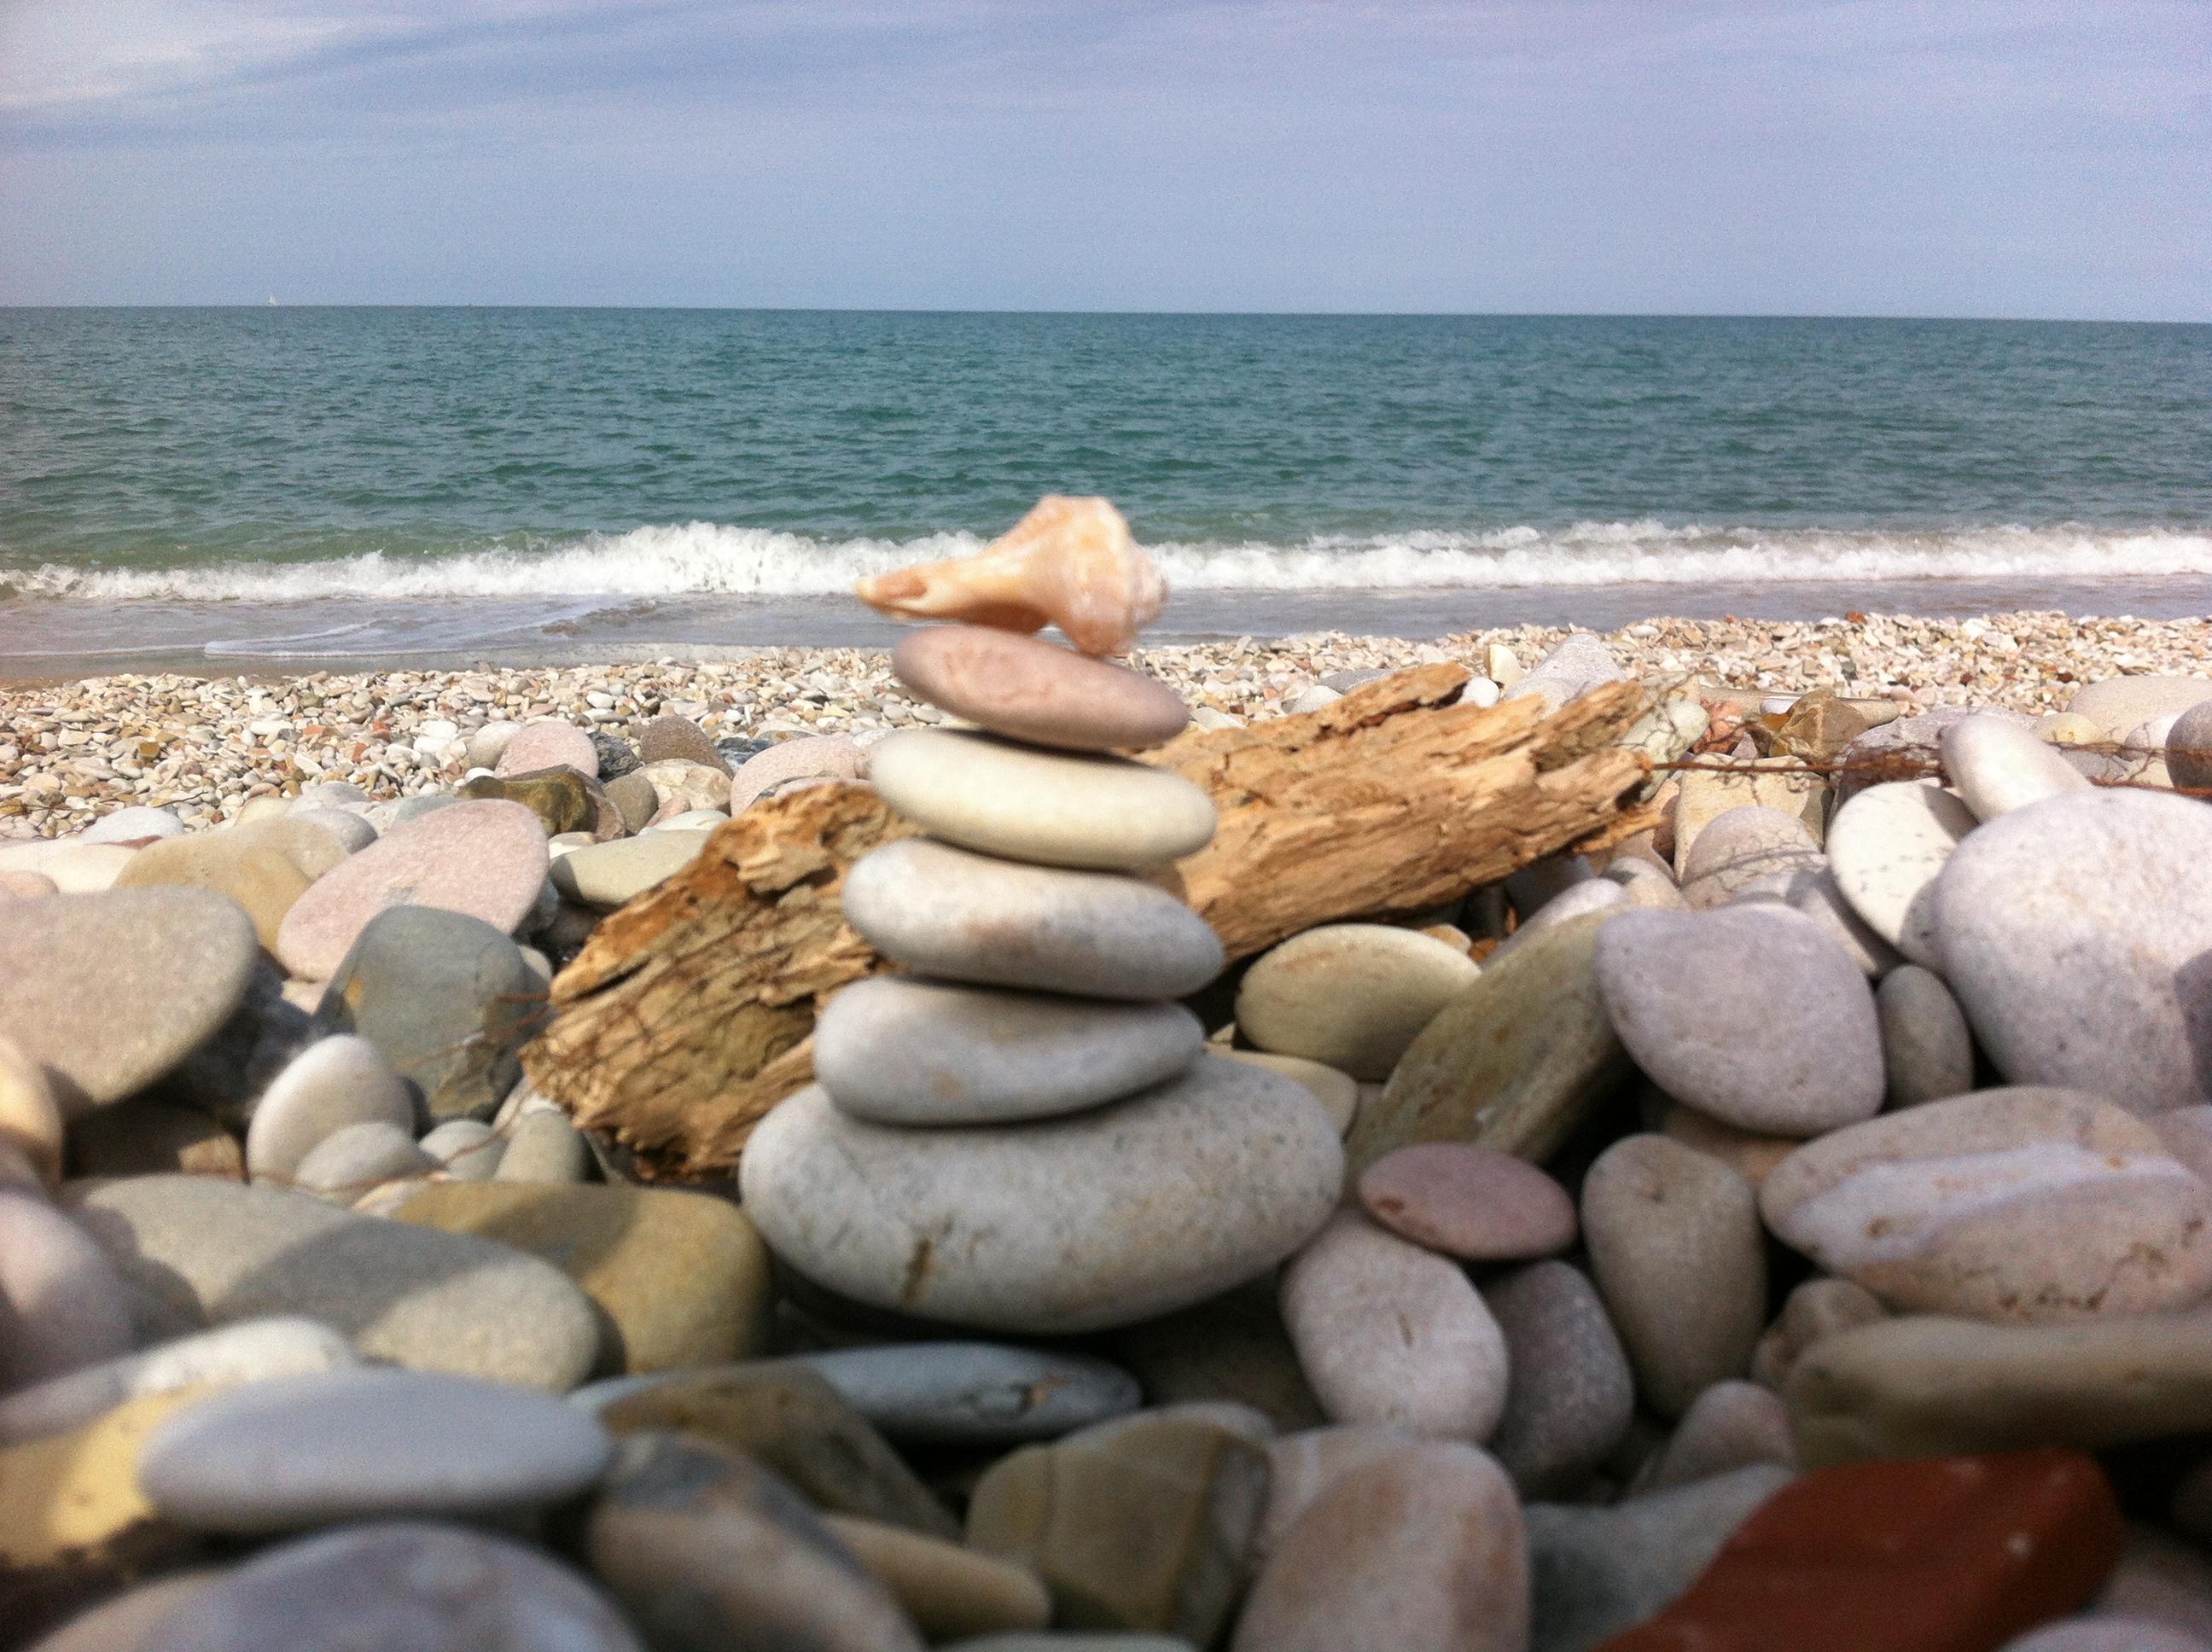 Adriatisches Meer, Adria